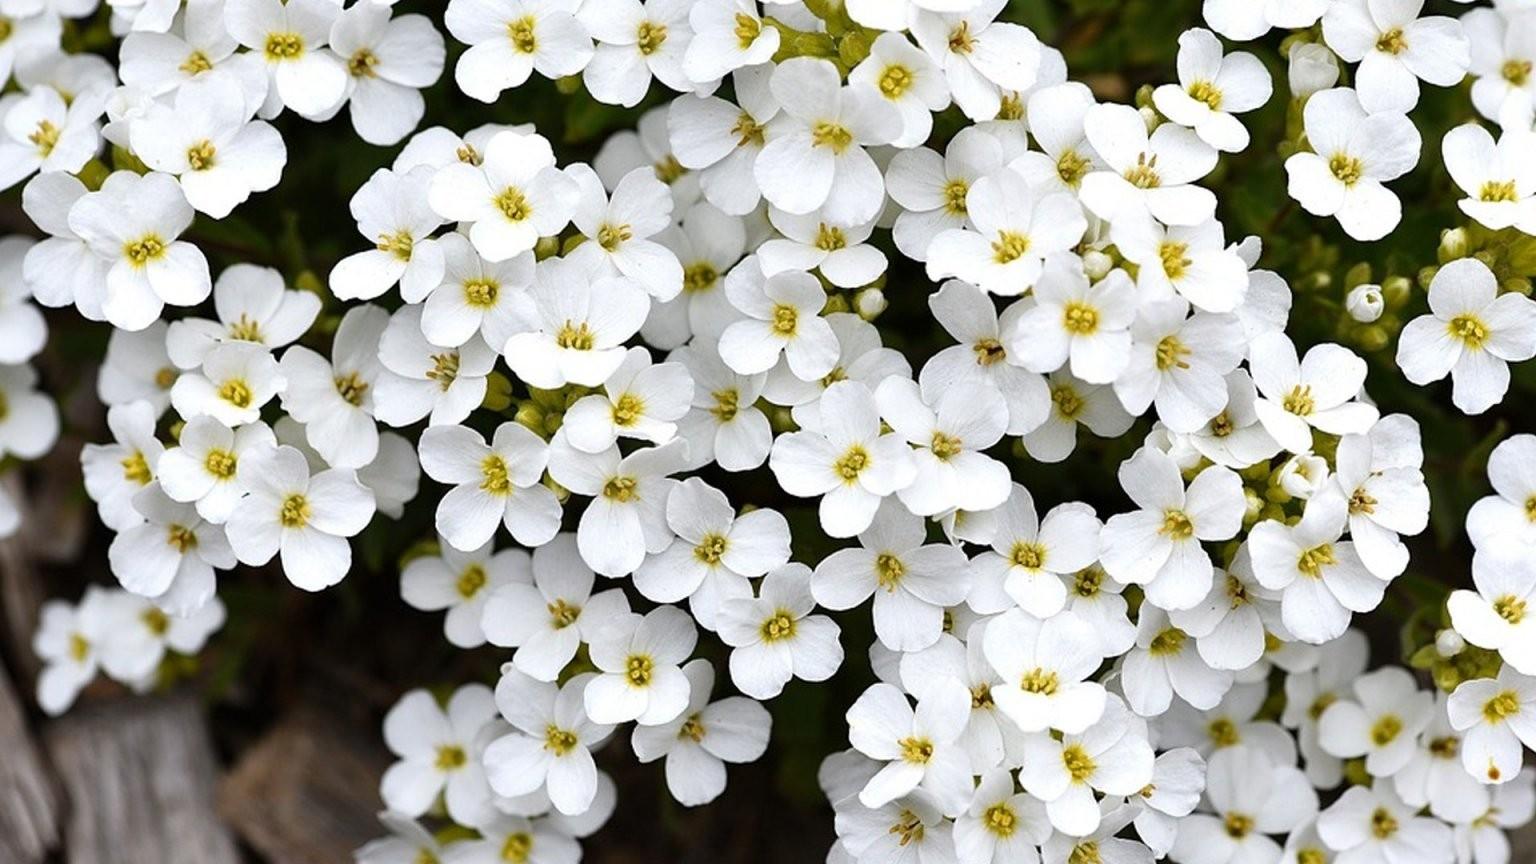 Pflanzen Für Die Pralle Sonne Diese Arten Eignen Sich  Focus von Balkonpflanzen Für Pralle Sonne Bild